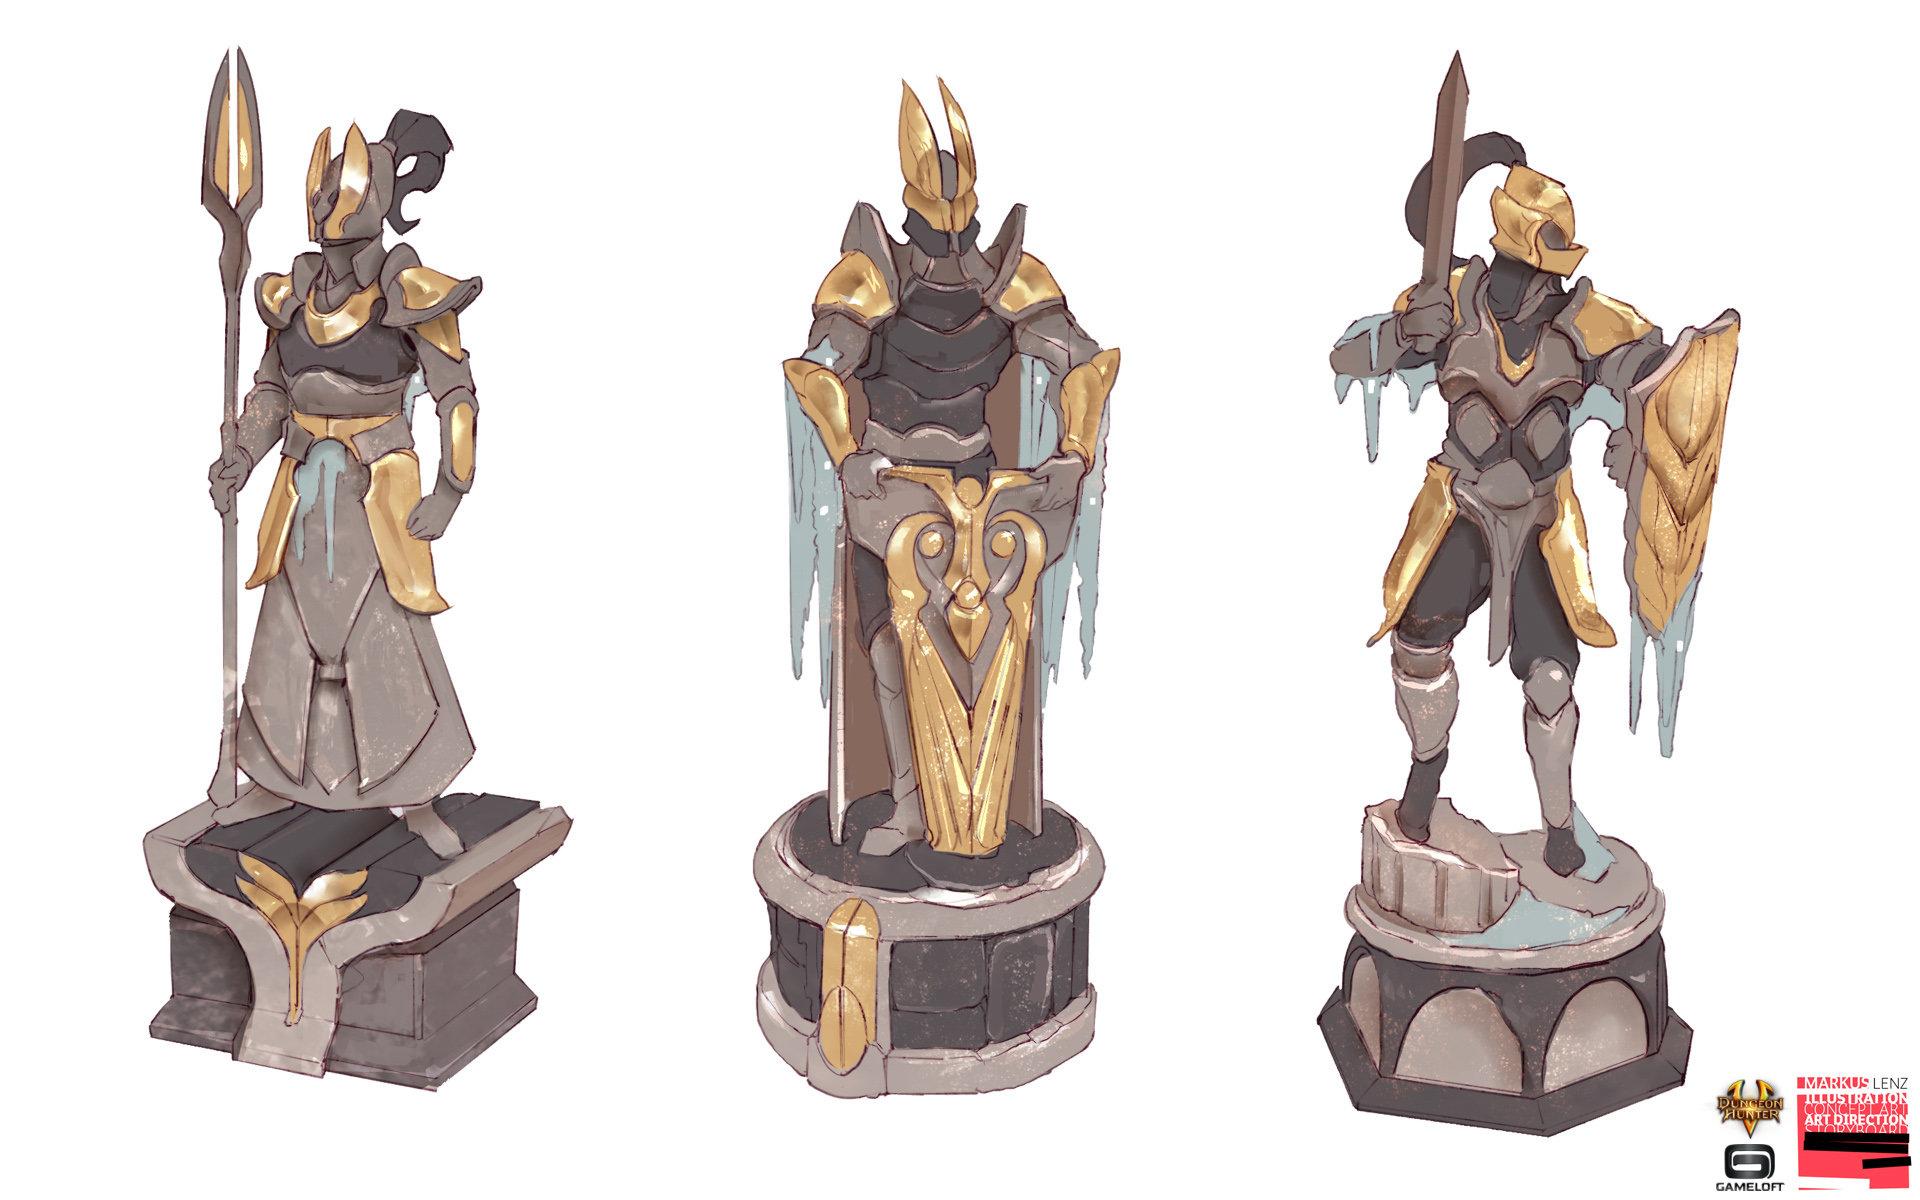 Markus lenz gameloft dh5 valenoutpost statues 02 ml